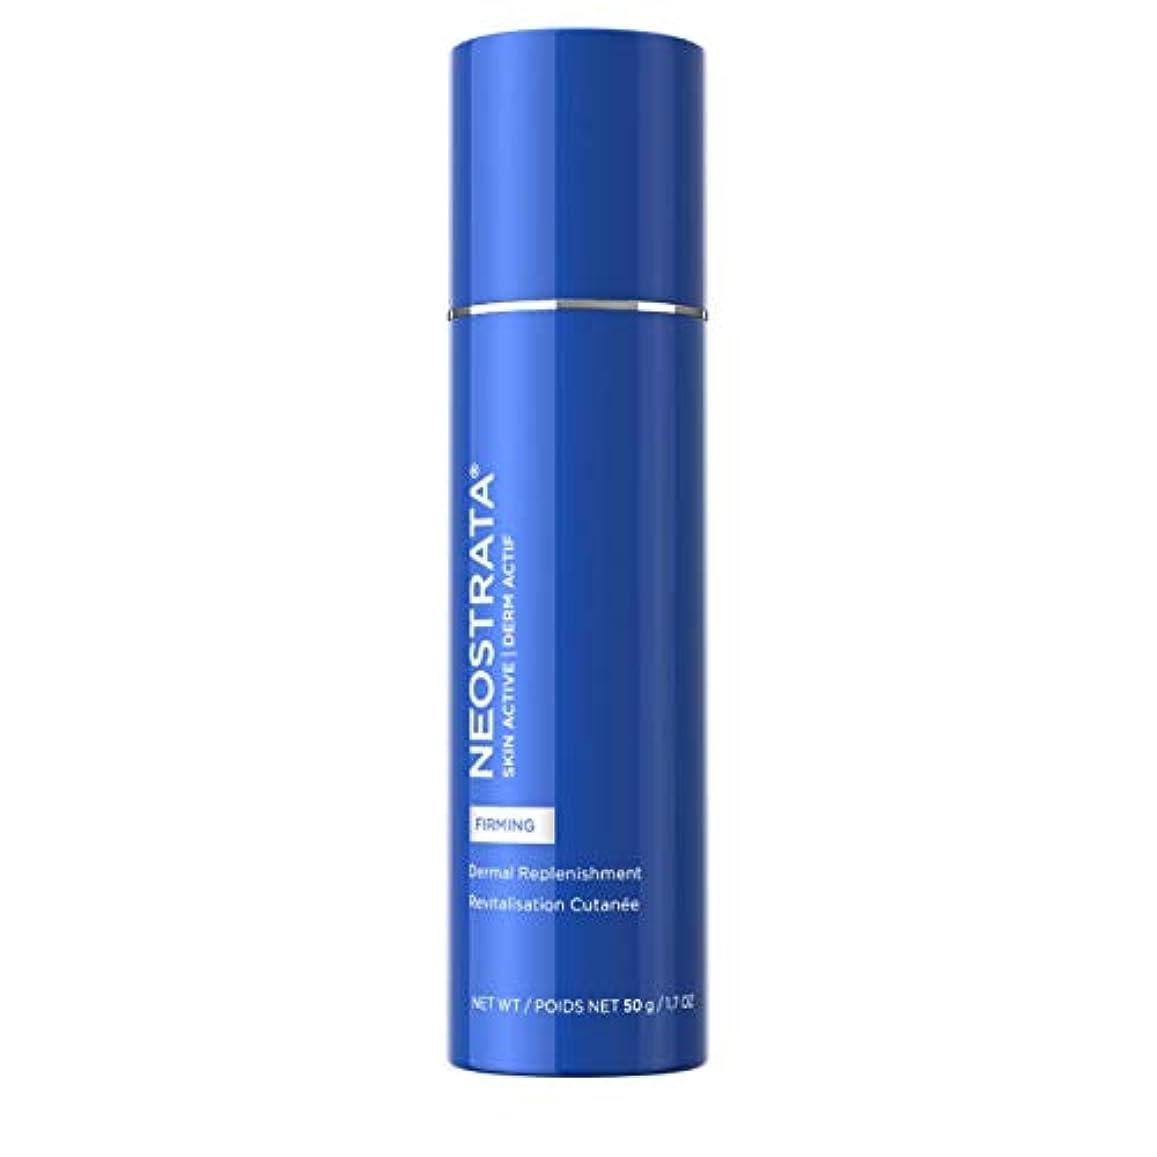 ぬるいネックレス大理石ネオストラータ Skin Active Derm Actif Firming - Dermal Replenishment Natural Moisturizing Factor Concentrate 50g/0.17oz...